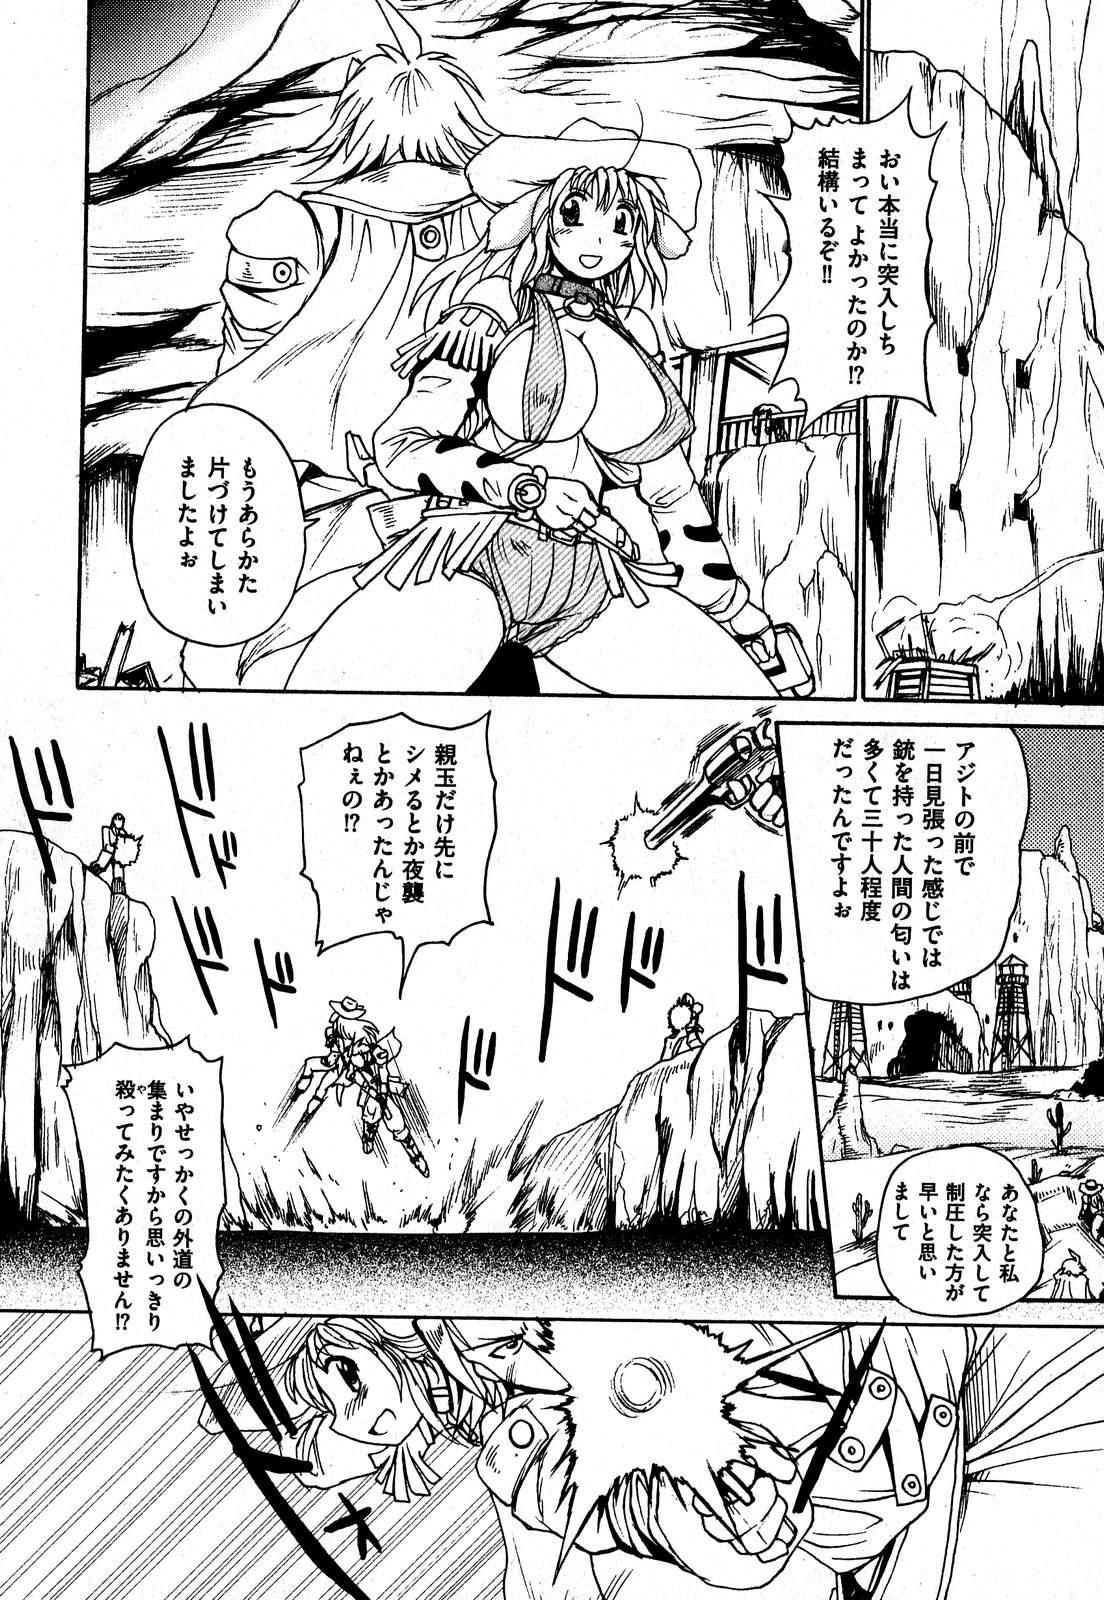 COMIC XO 2007-09 Vol. 16 59